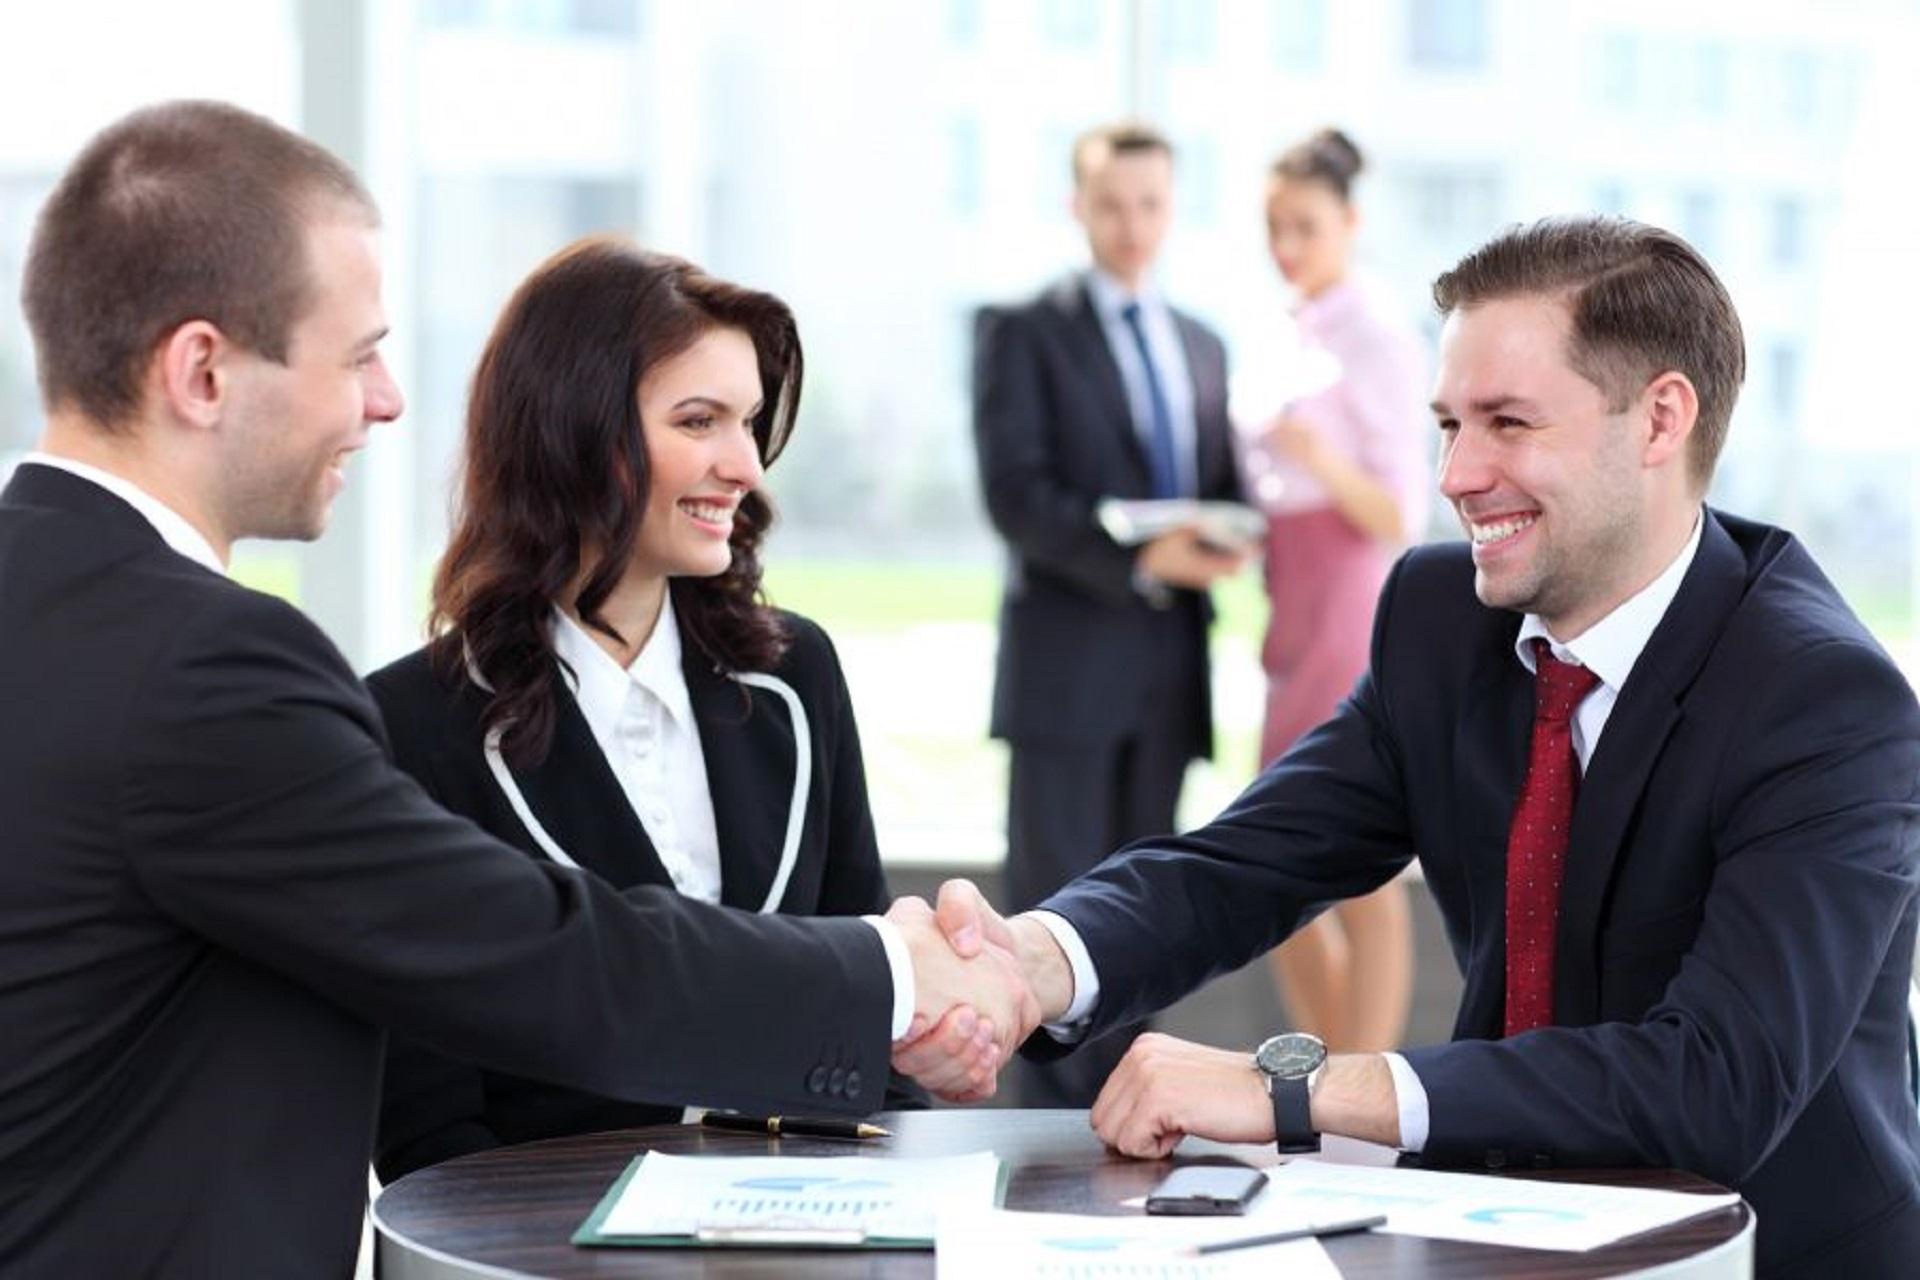 Cách kiếm khách hàng tiềm năng là gì? Điều bạn cần biết